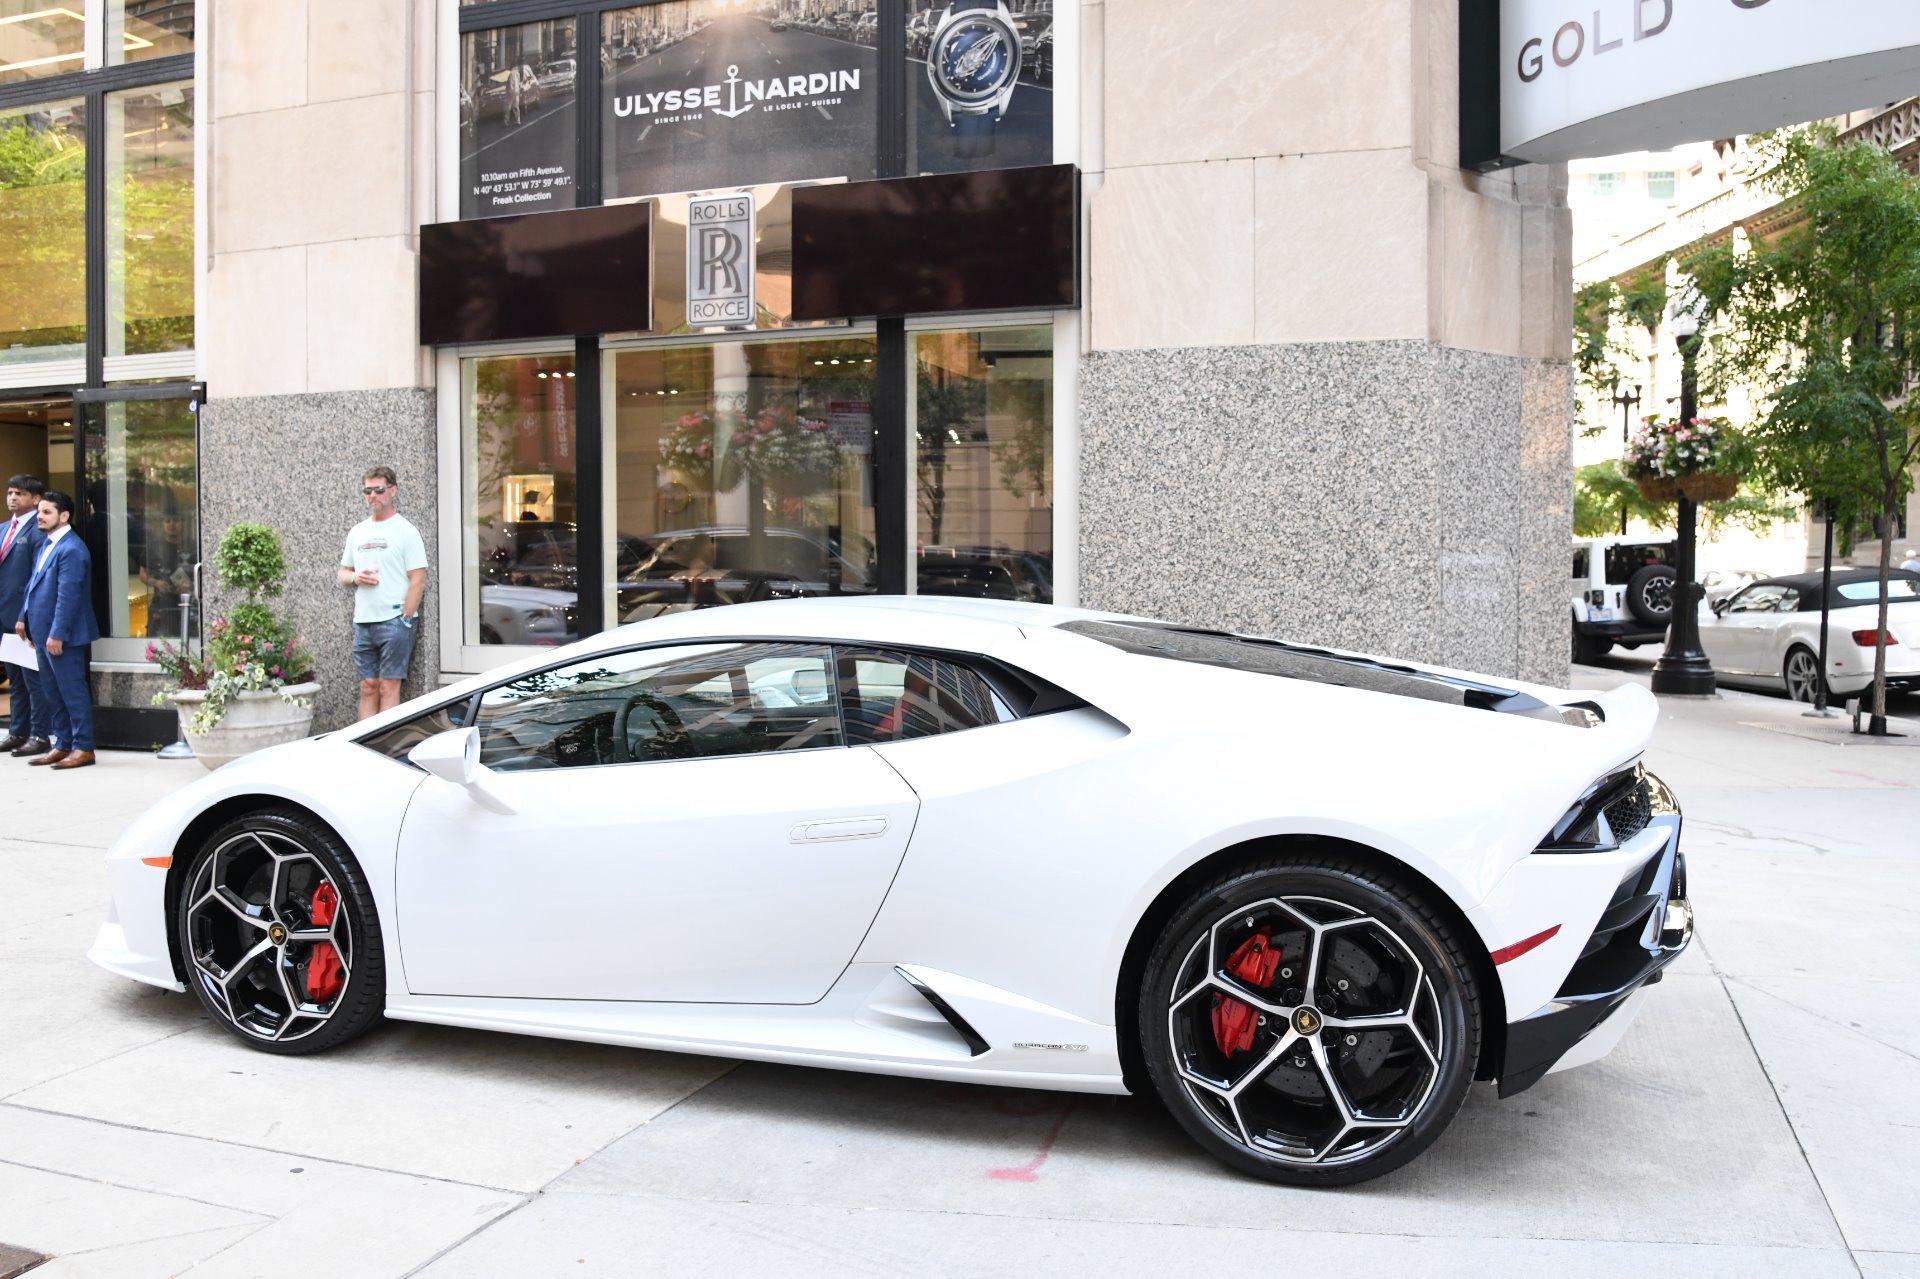 2020 Lamborghini Huracan Evo Lp 640 4 Evo Stock L651 For Sale Near Chicago Il Il Lamborghini Dealer